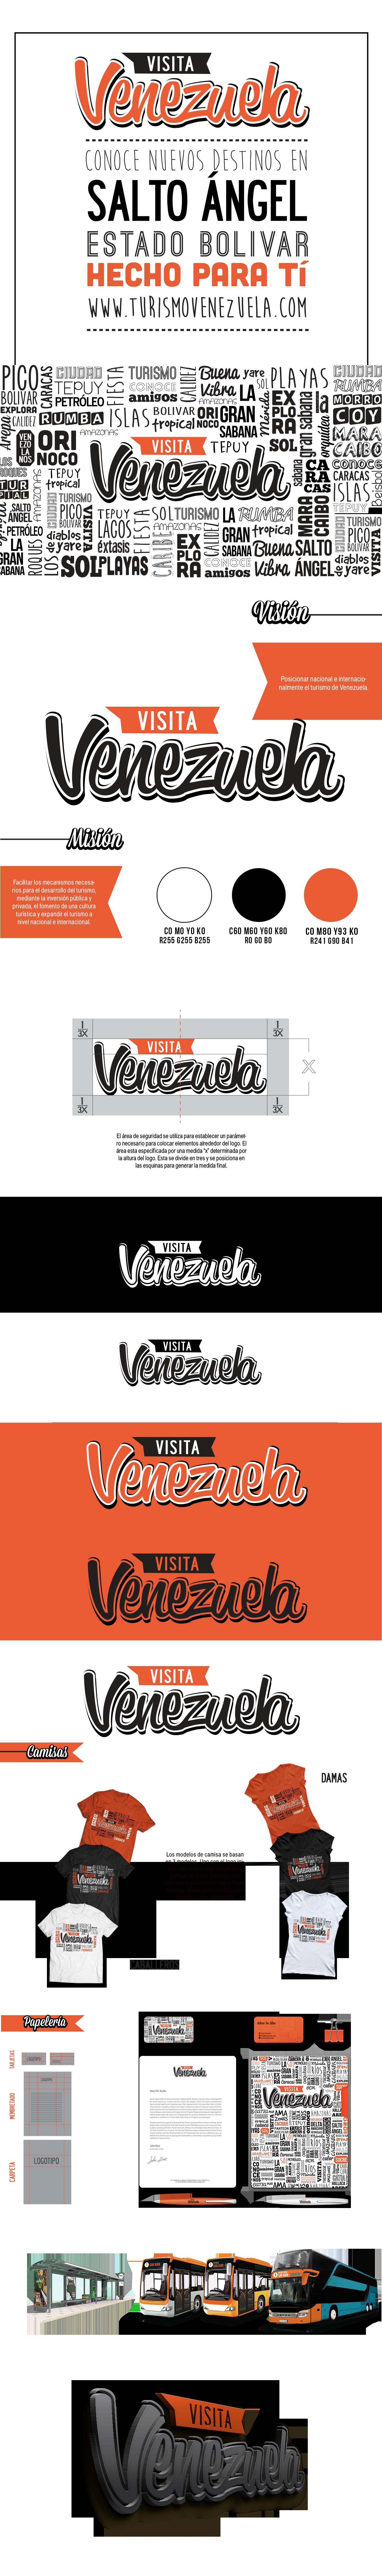 Venezuela branding design